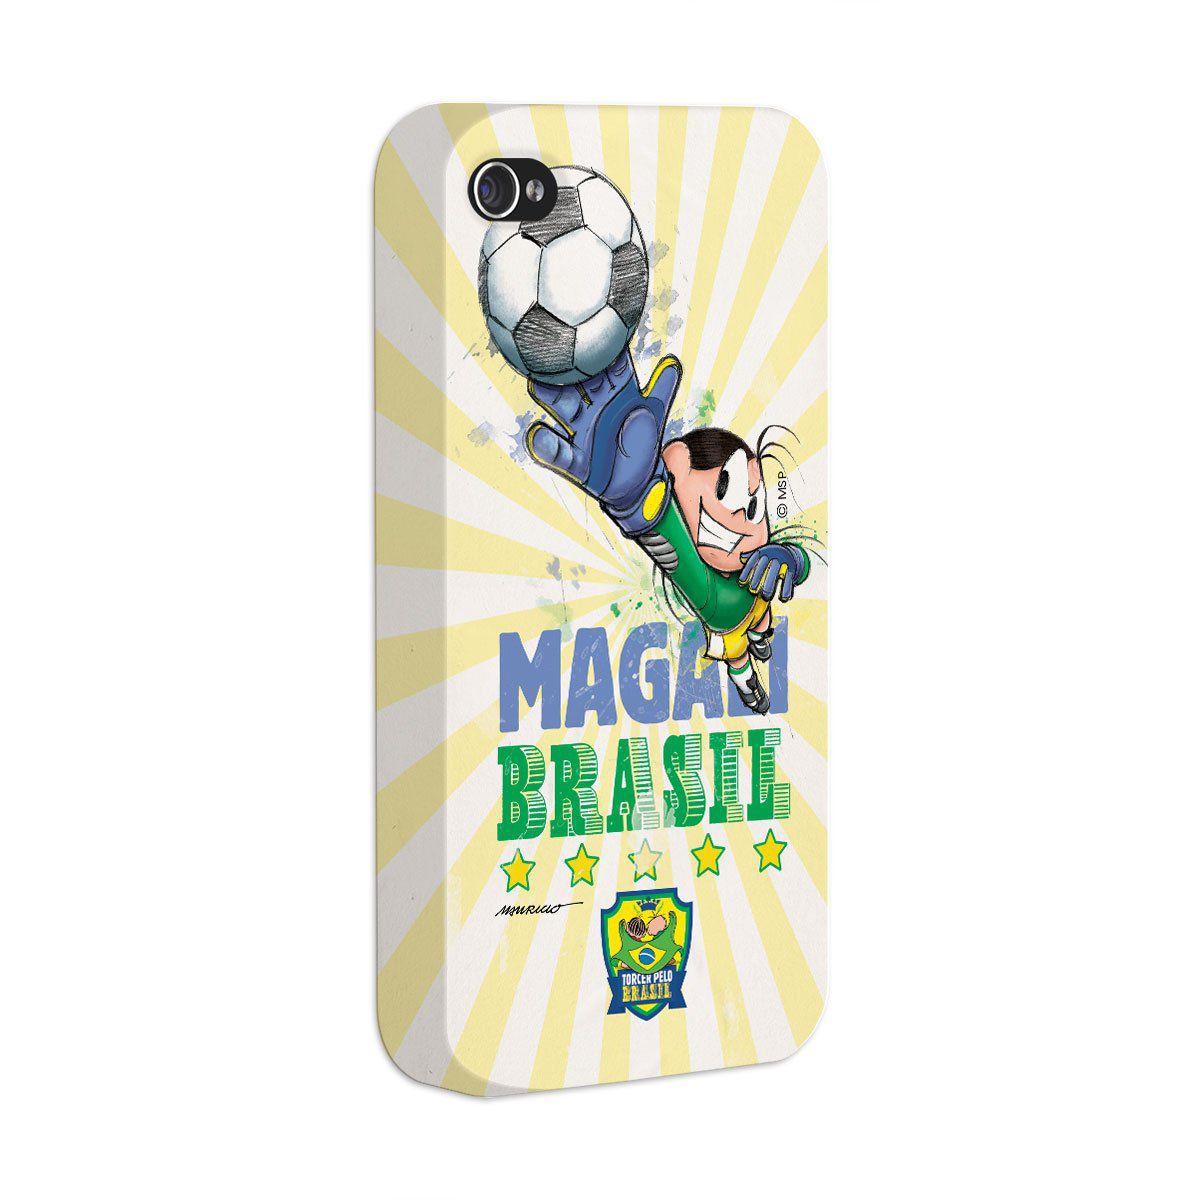 Capa de iPhone 4/4S Turma da Mônica Jogadora Magali 2